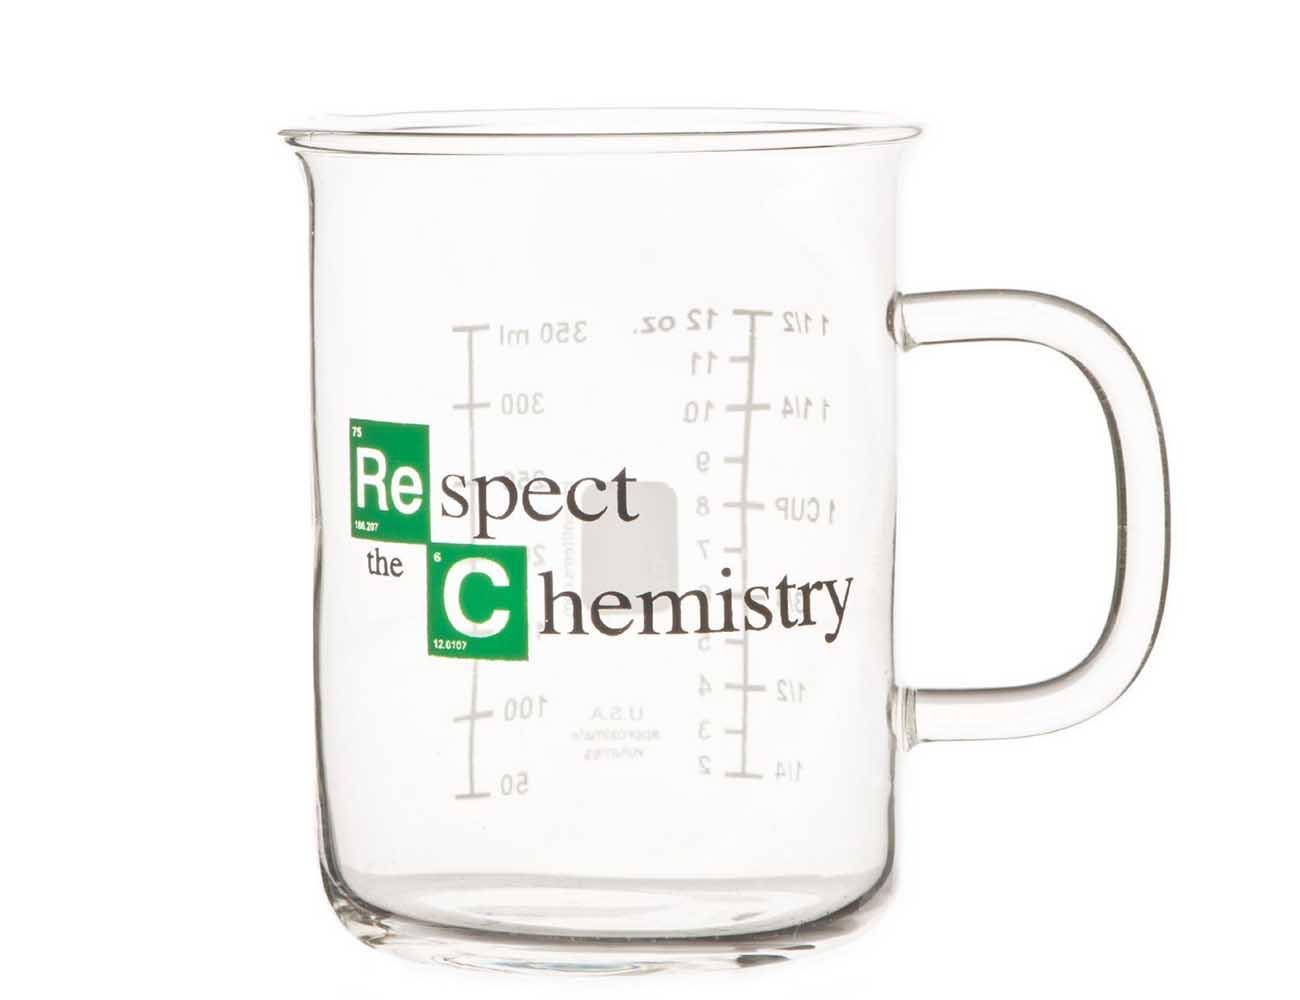 Respect the Chemistry Beaker Mug – Inspired by Breaking Bad